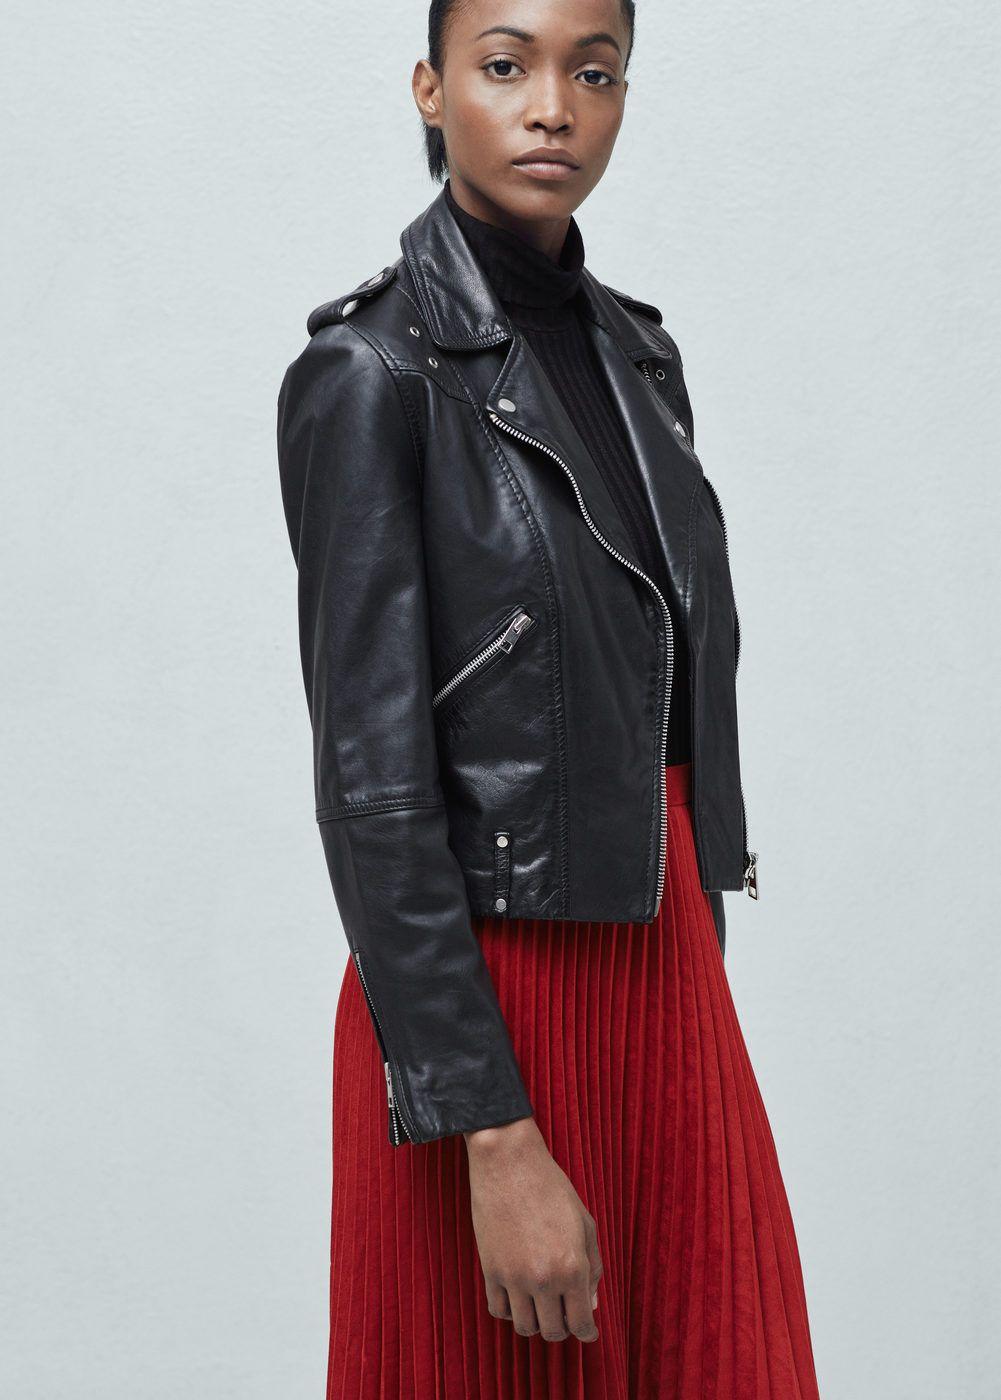 Leren jas met ritsen - Jasjes voor Dames | MANGO | The kaki one <3